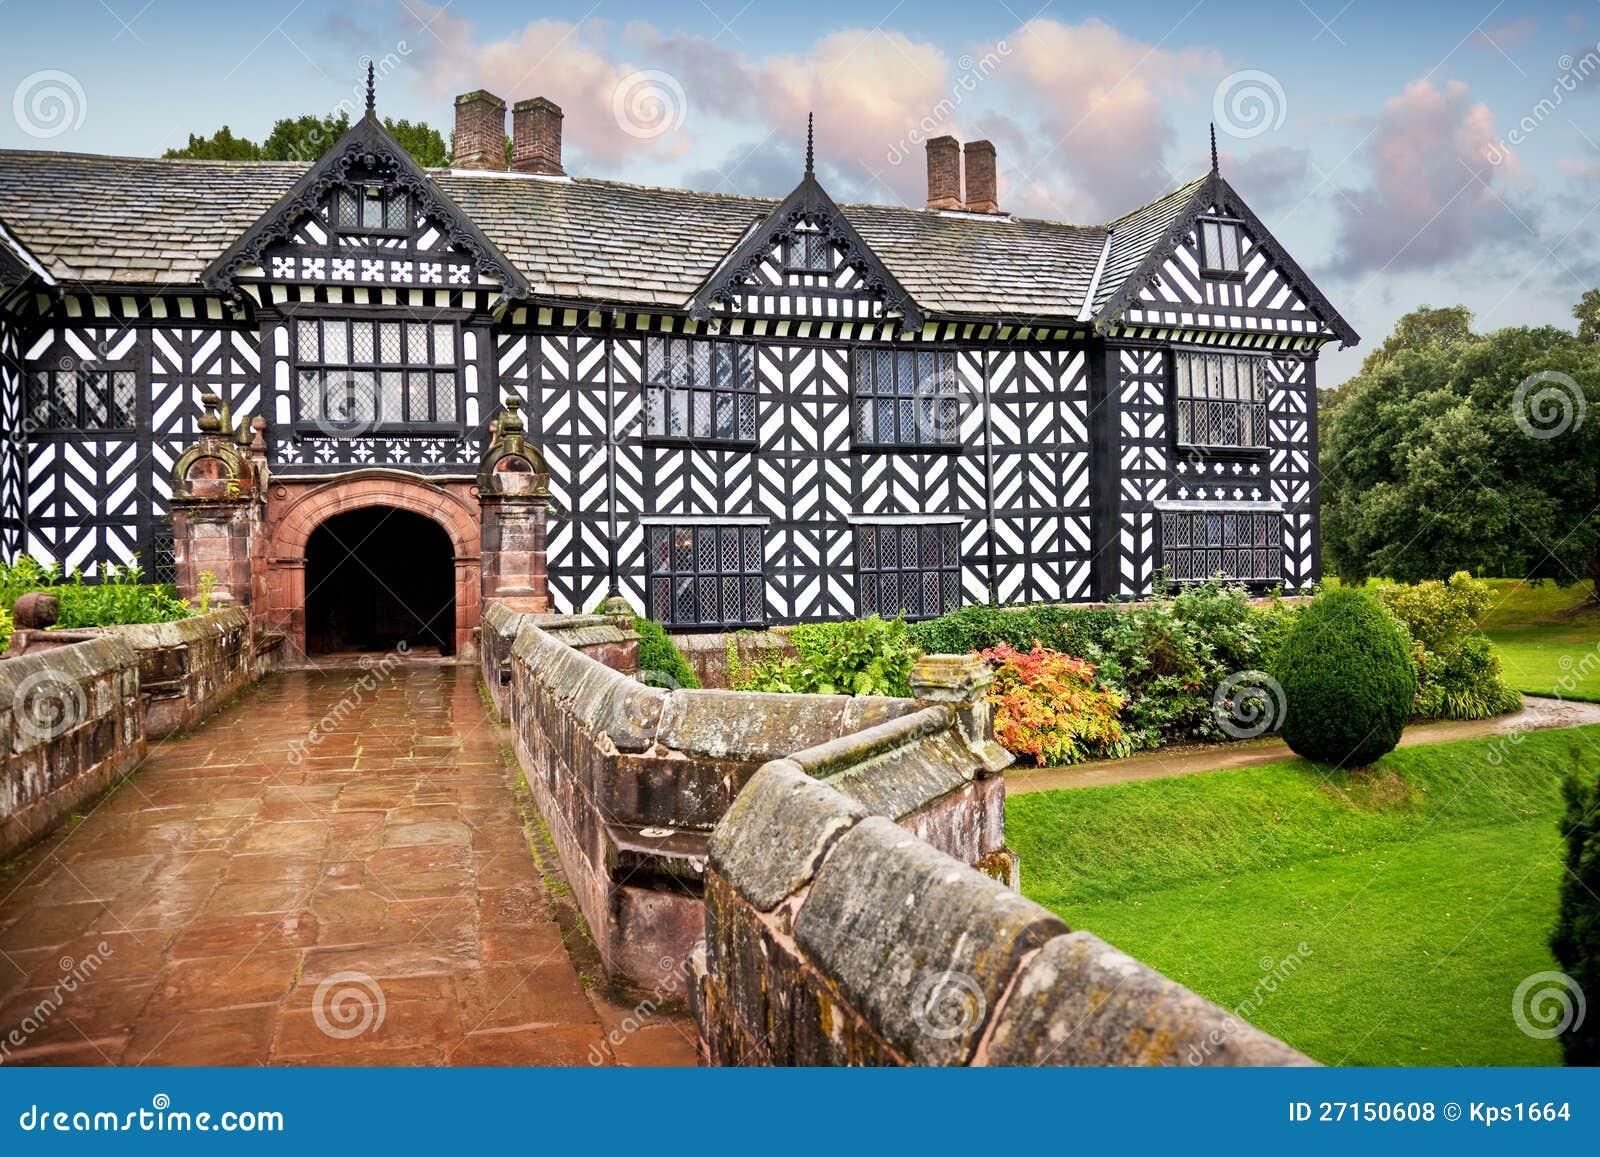 Tudor Manor House Stock Photo Image Of Exterior Facade